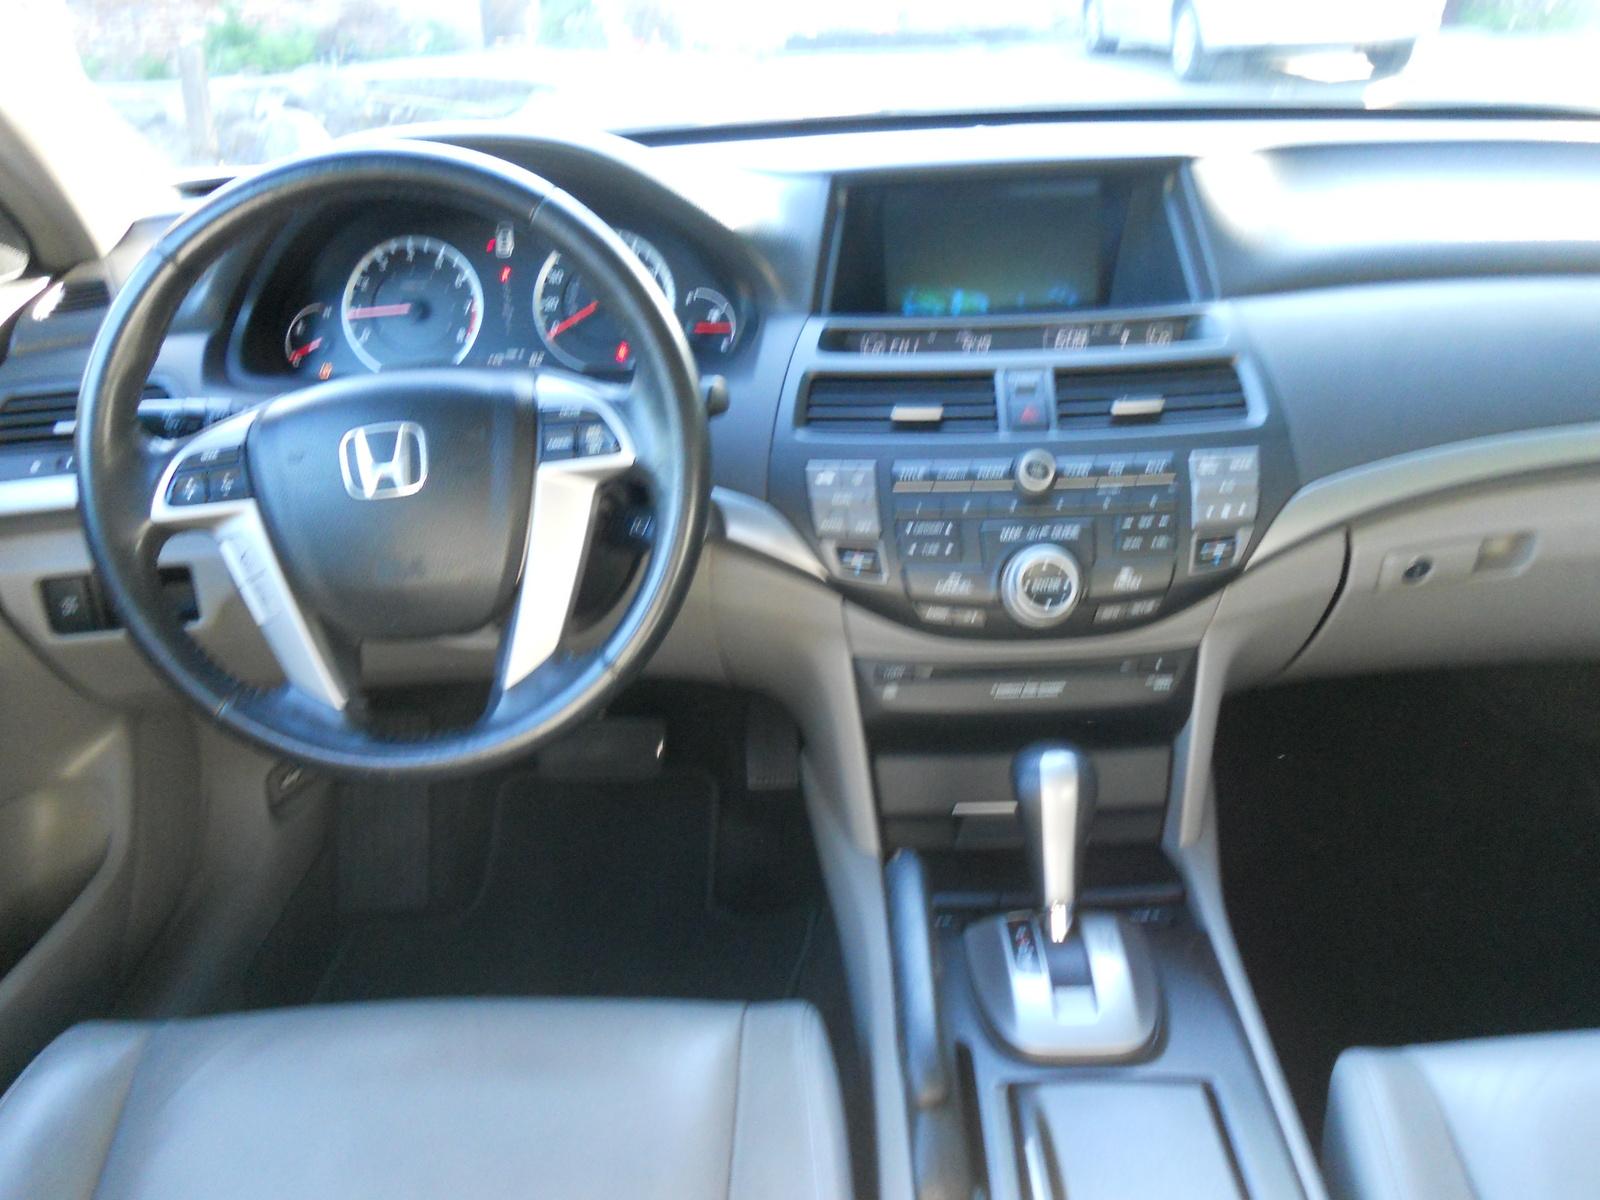 2009 Honda Accord Pictures Cargurus